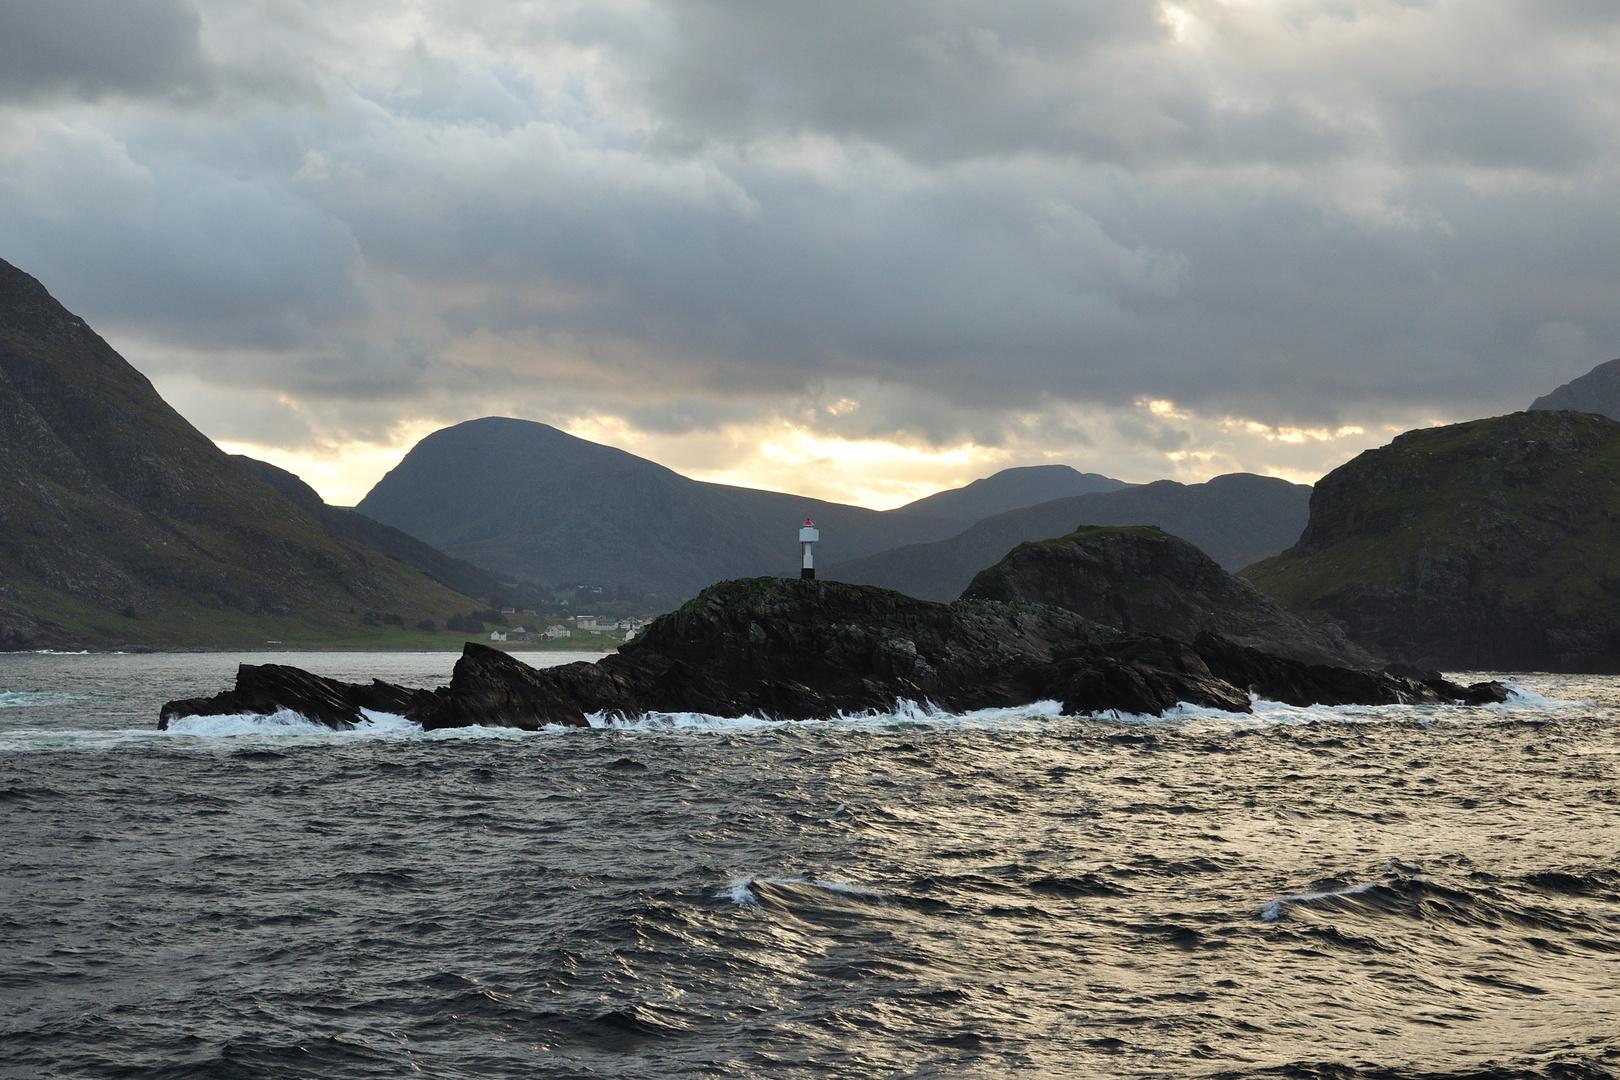 Kleiner Leuchtturm auf dem Weg nach Ålesund